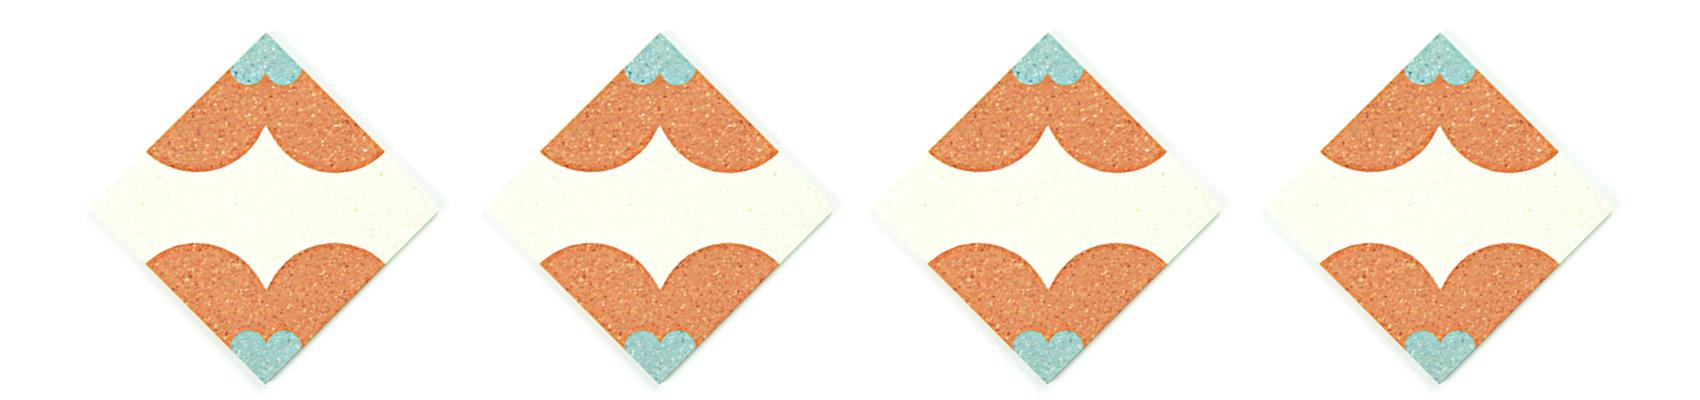 slide-mipa-arancione-meno-45-gradi